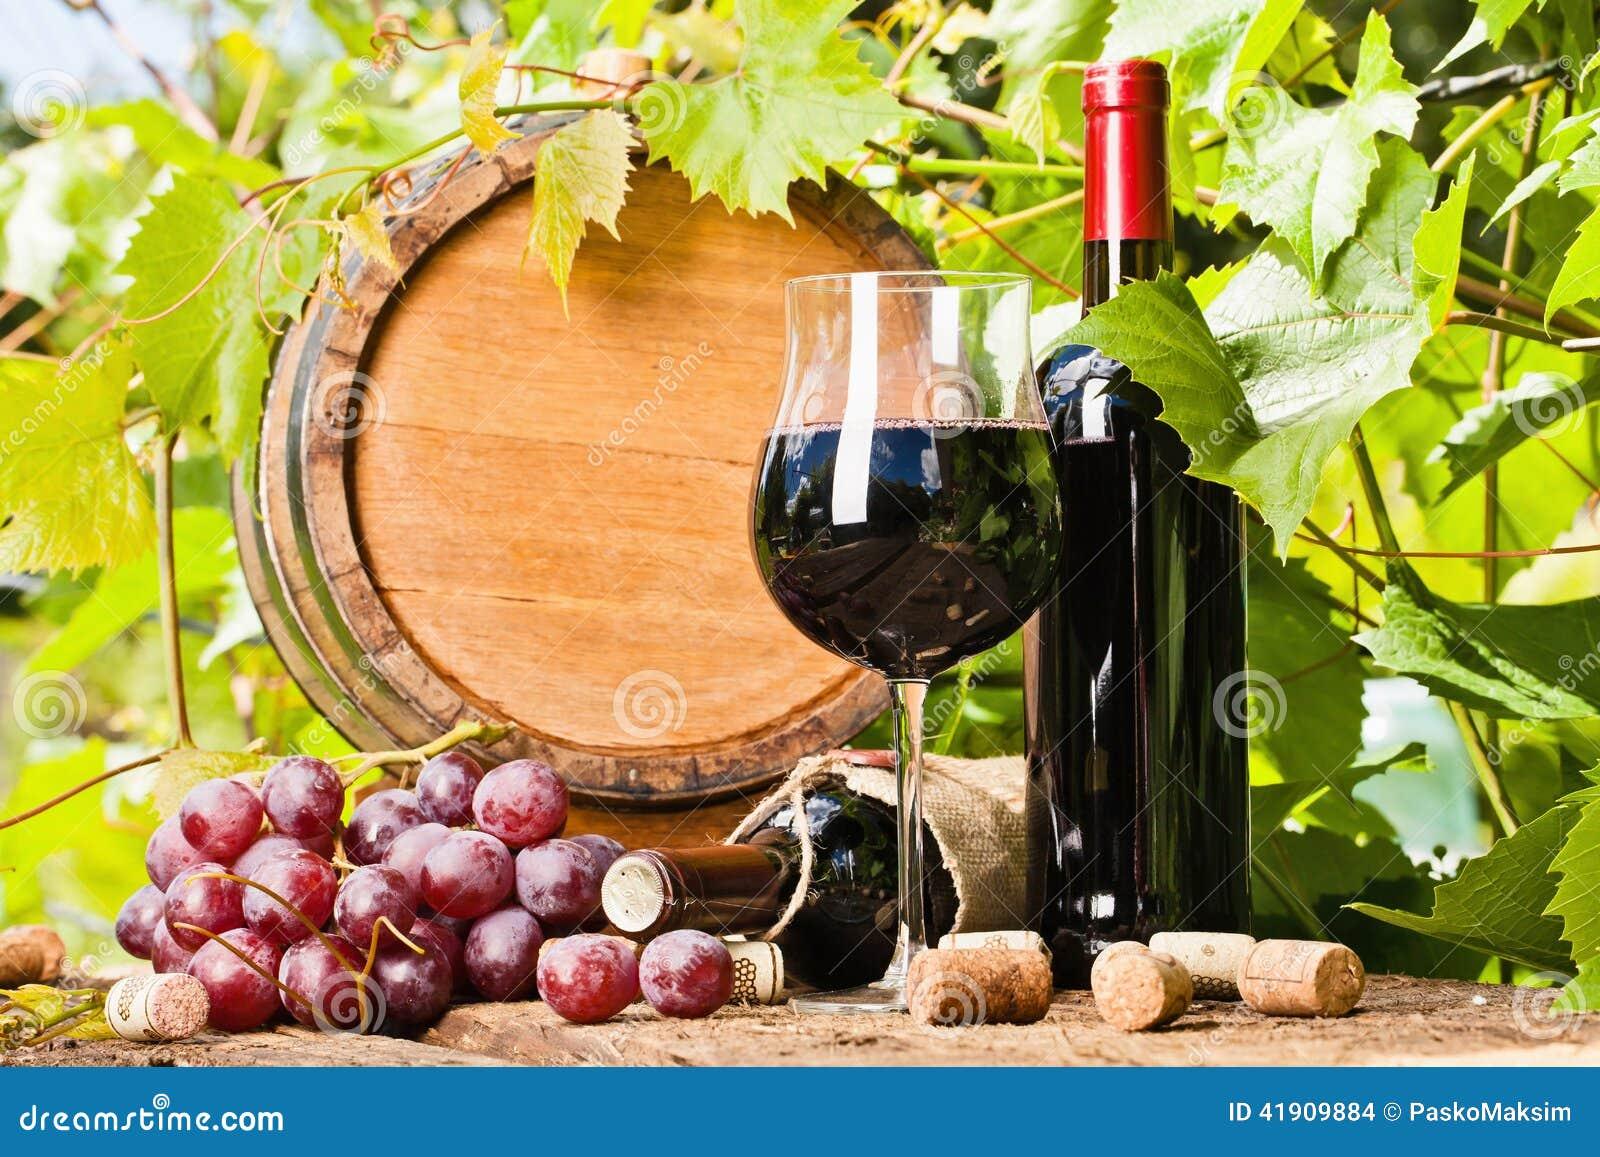 Vino, uvas y composición de la vid